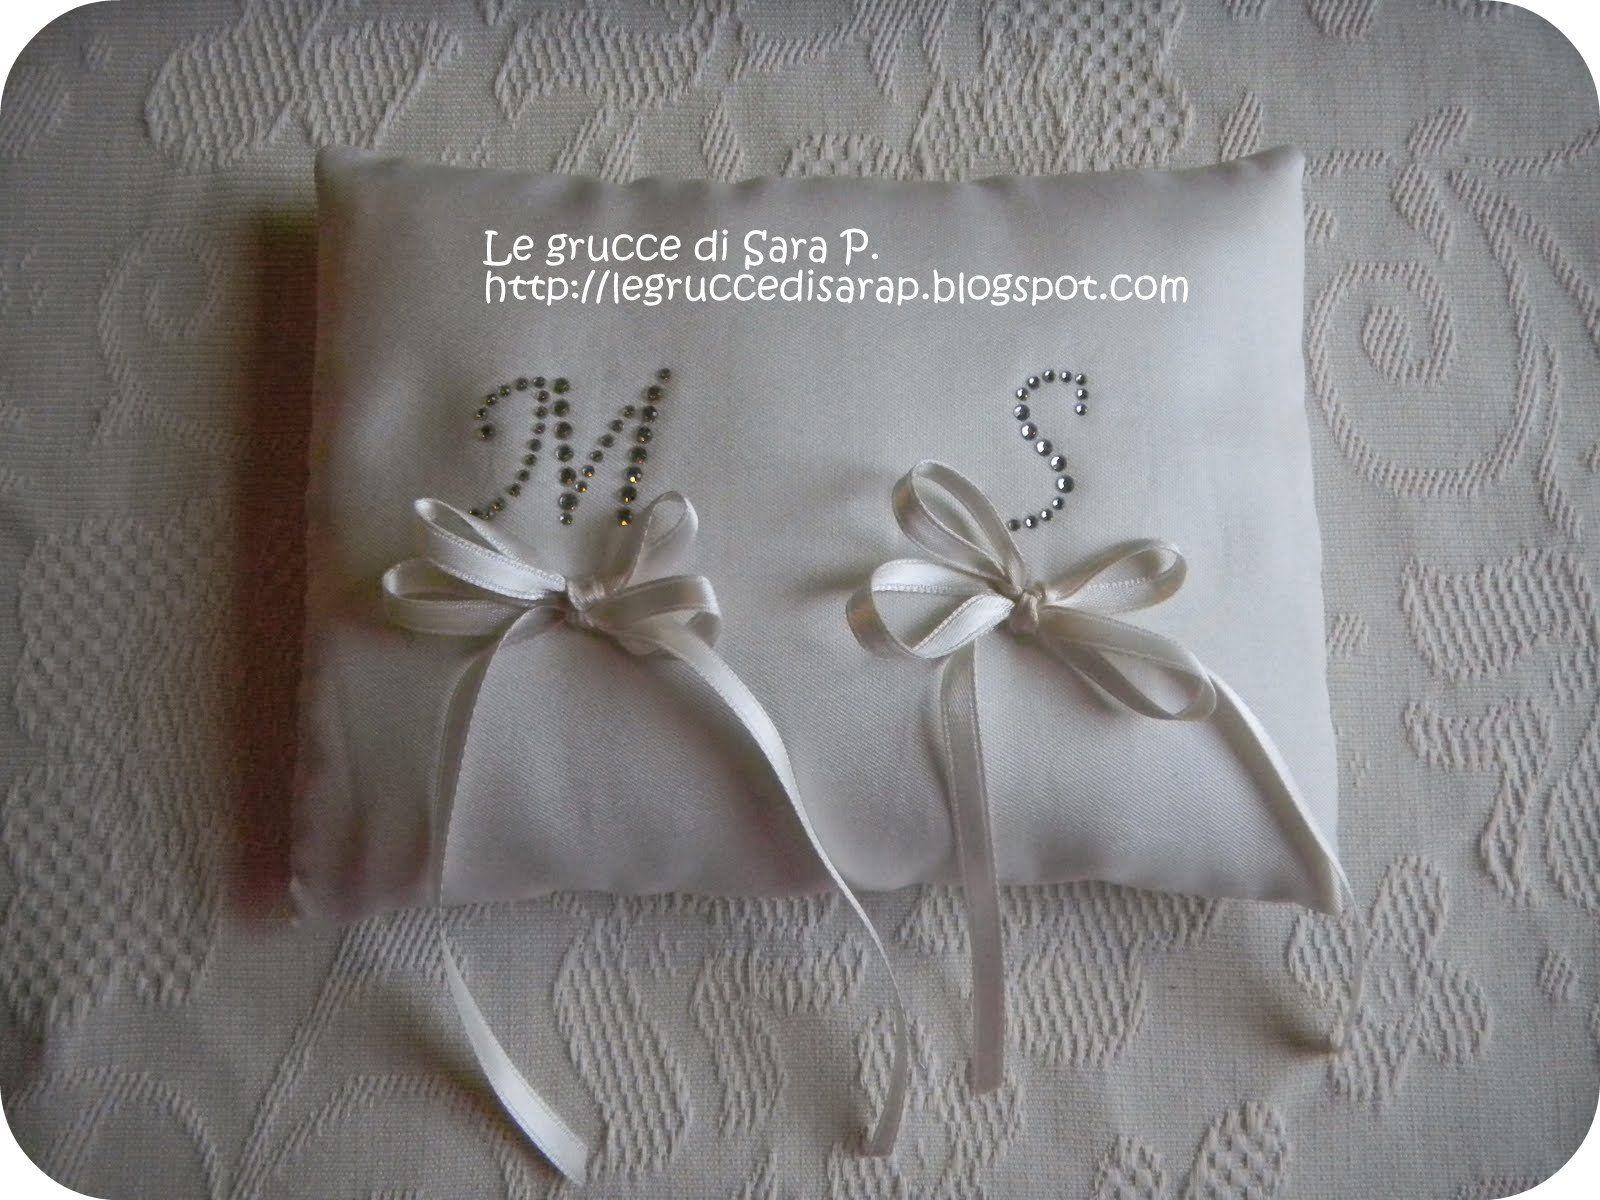 Cuscini Portafedi Nuziali.Cuscino Porta Fedi Per Il Mio Matrimonio Iniziali Degli Sposi In